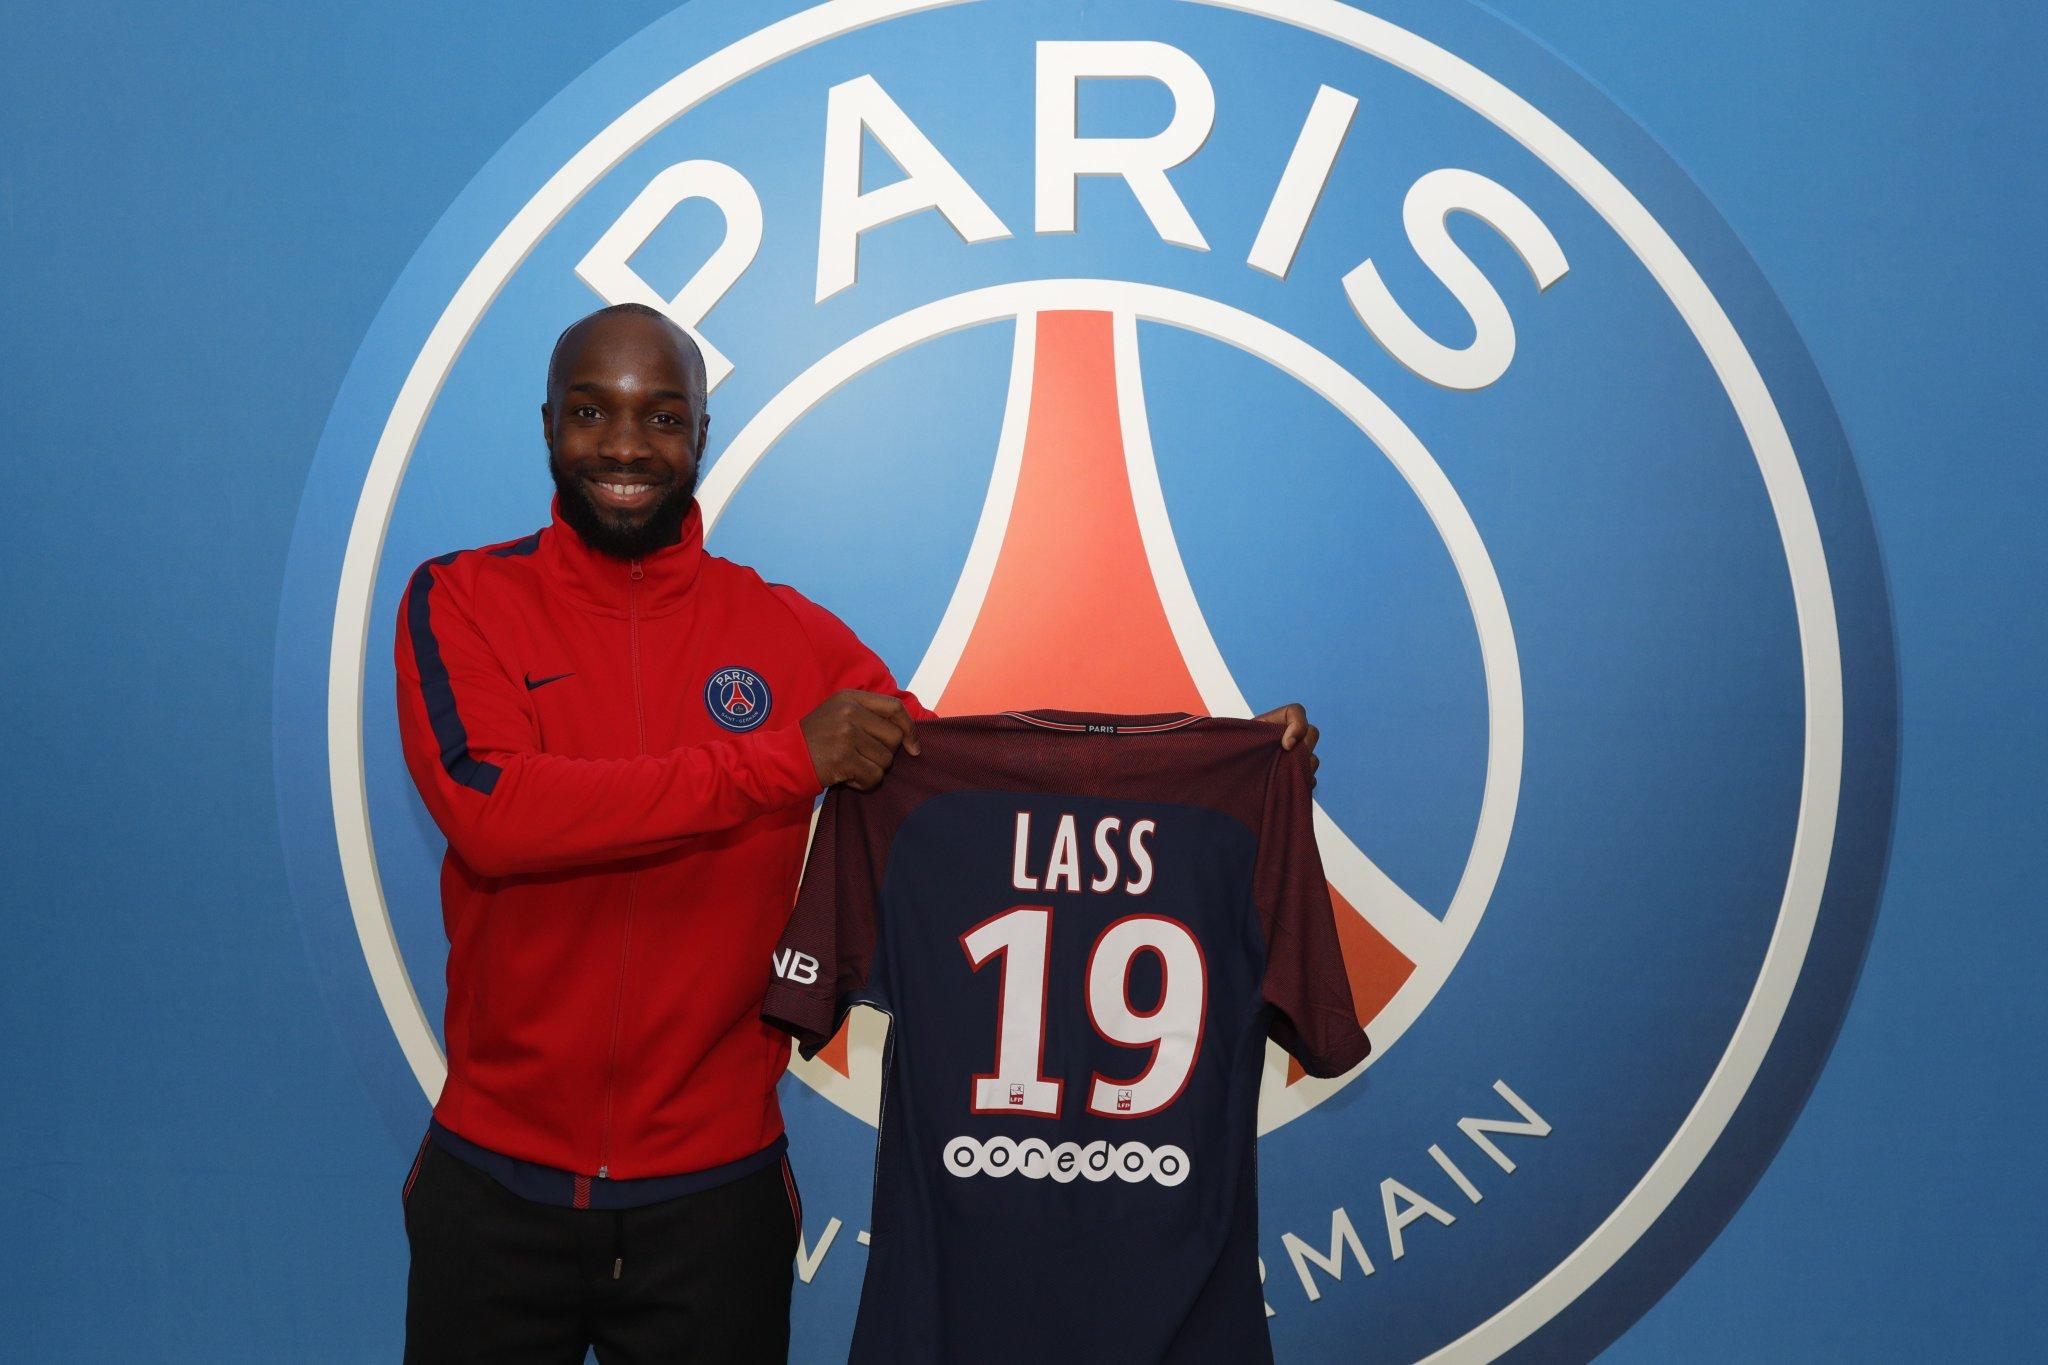 Lassana Diarra heureux de pouvoir enfin rejoindre le club de ma ville natale...A moi de tout faire